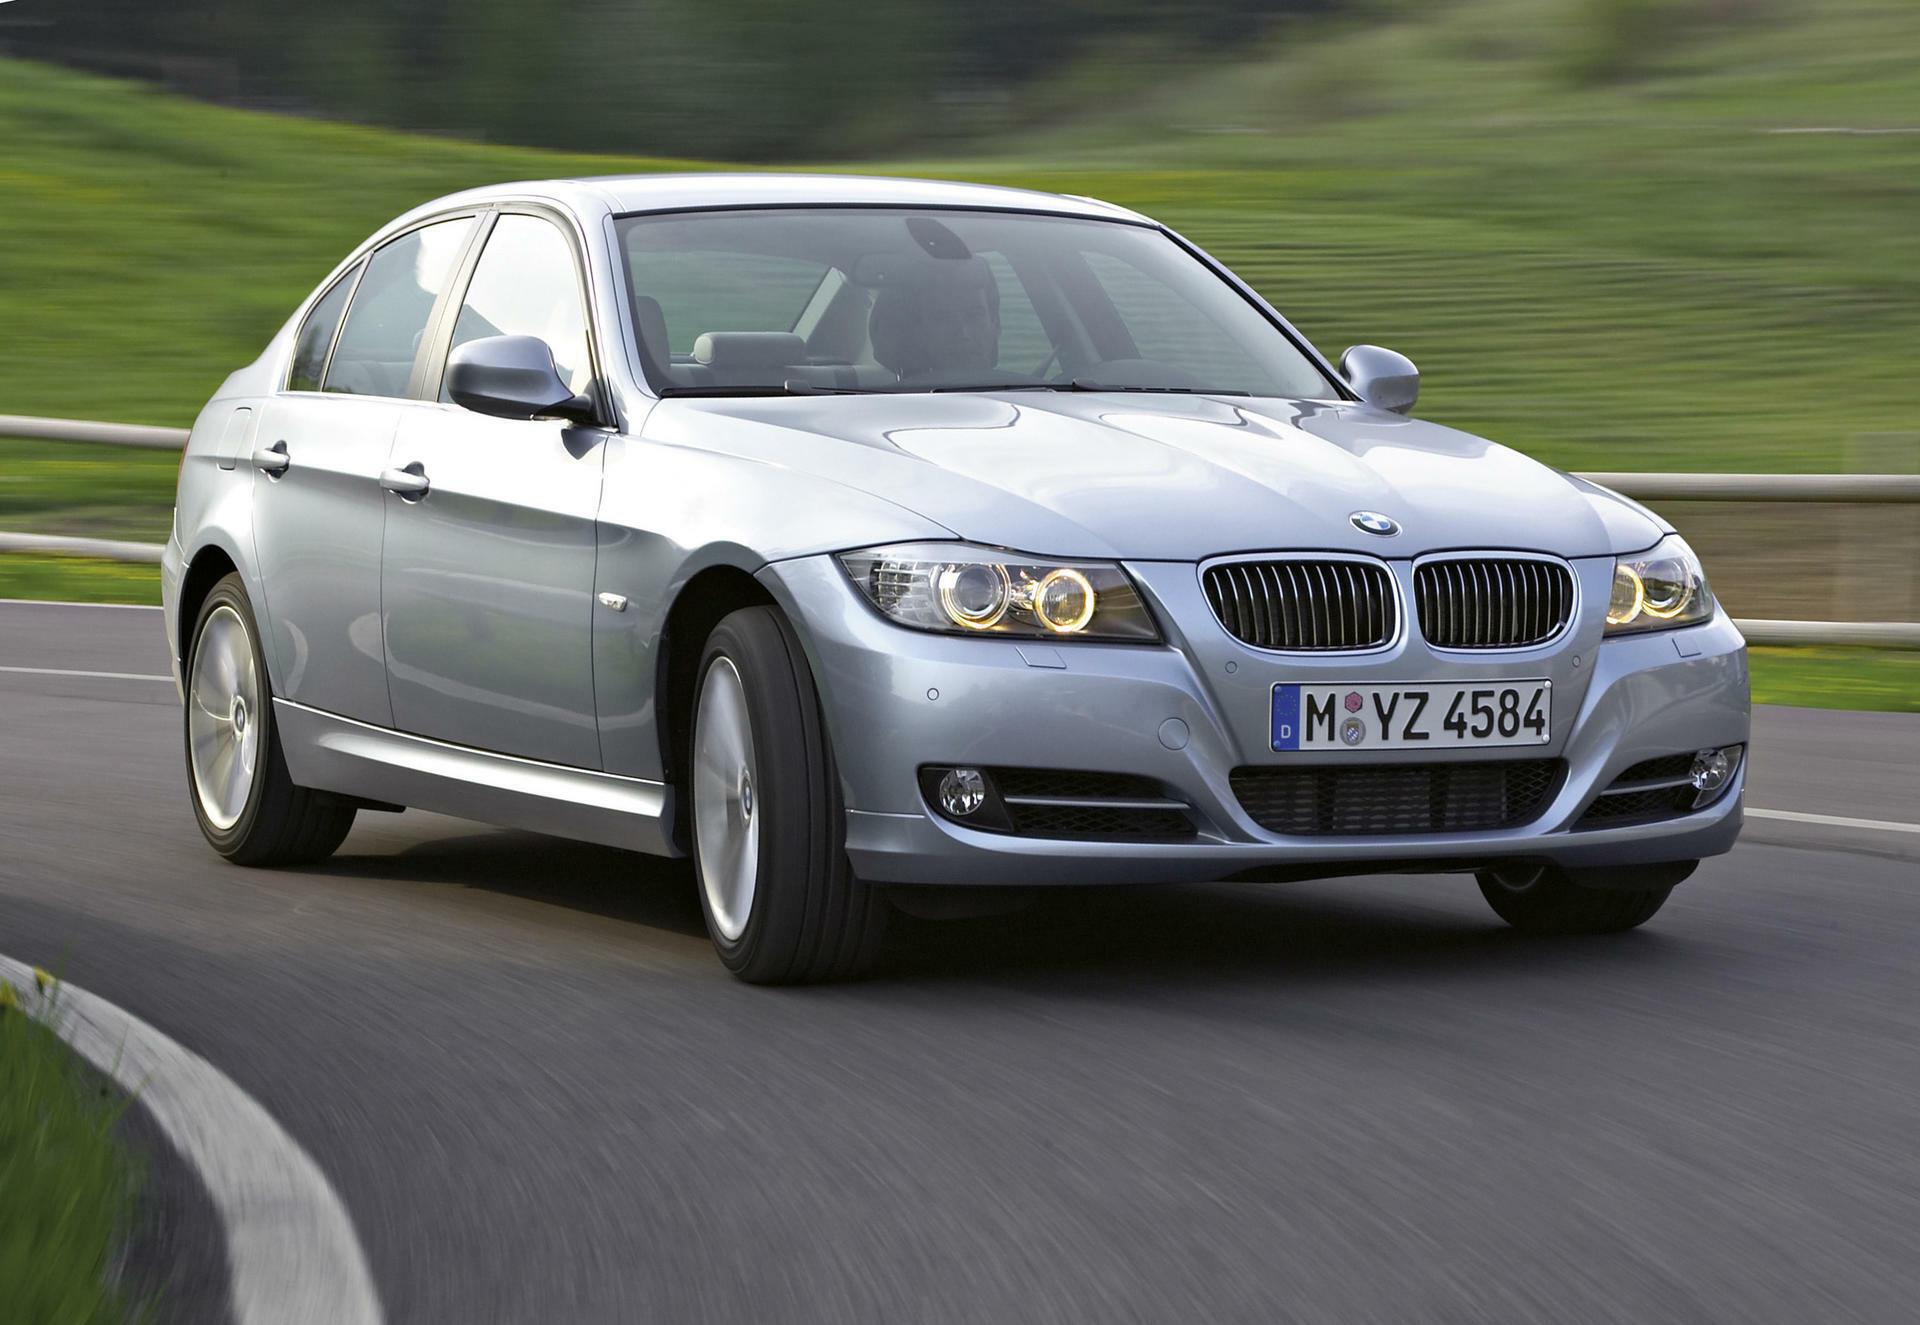 Gefahr von Motorschäden BMW startet Rückrufaktion